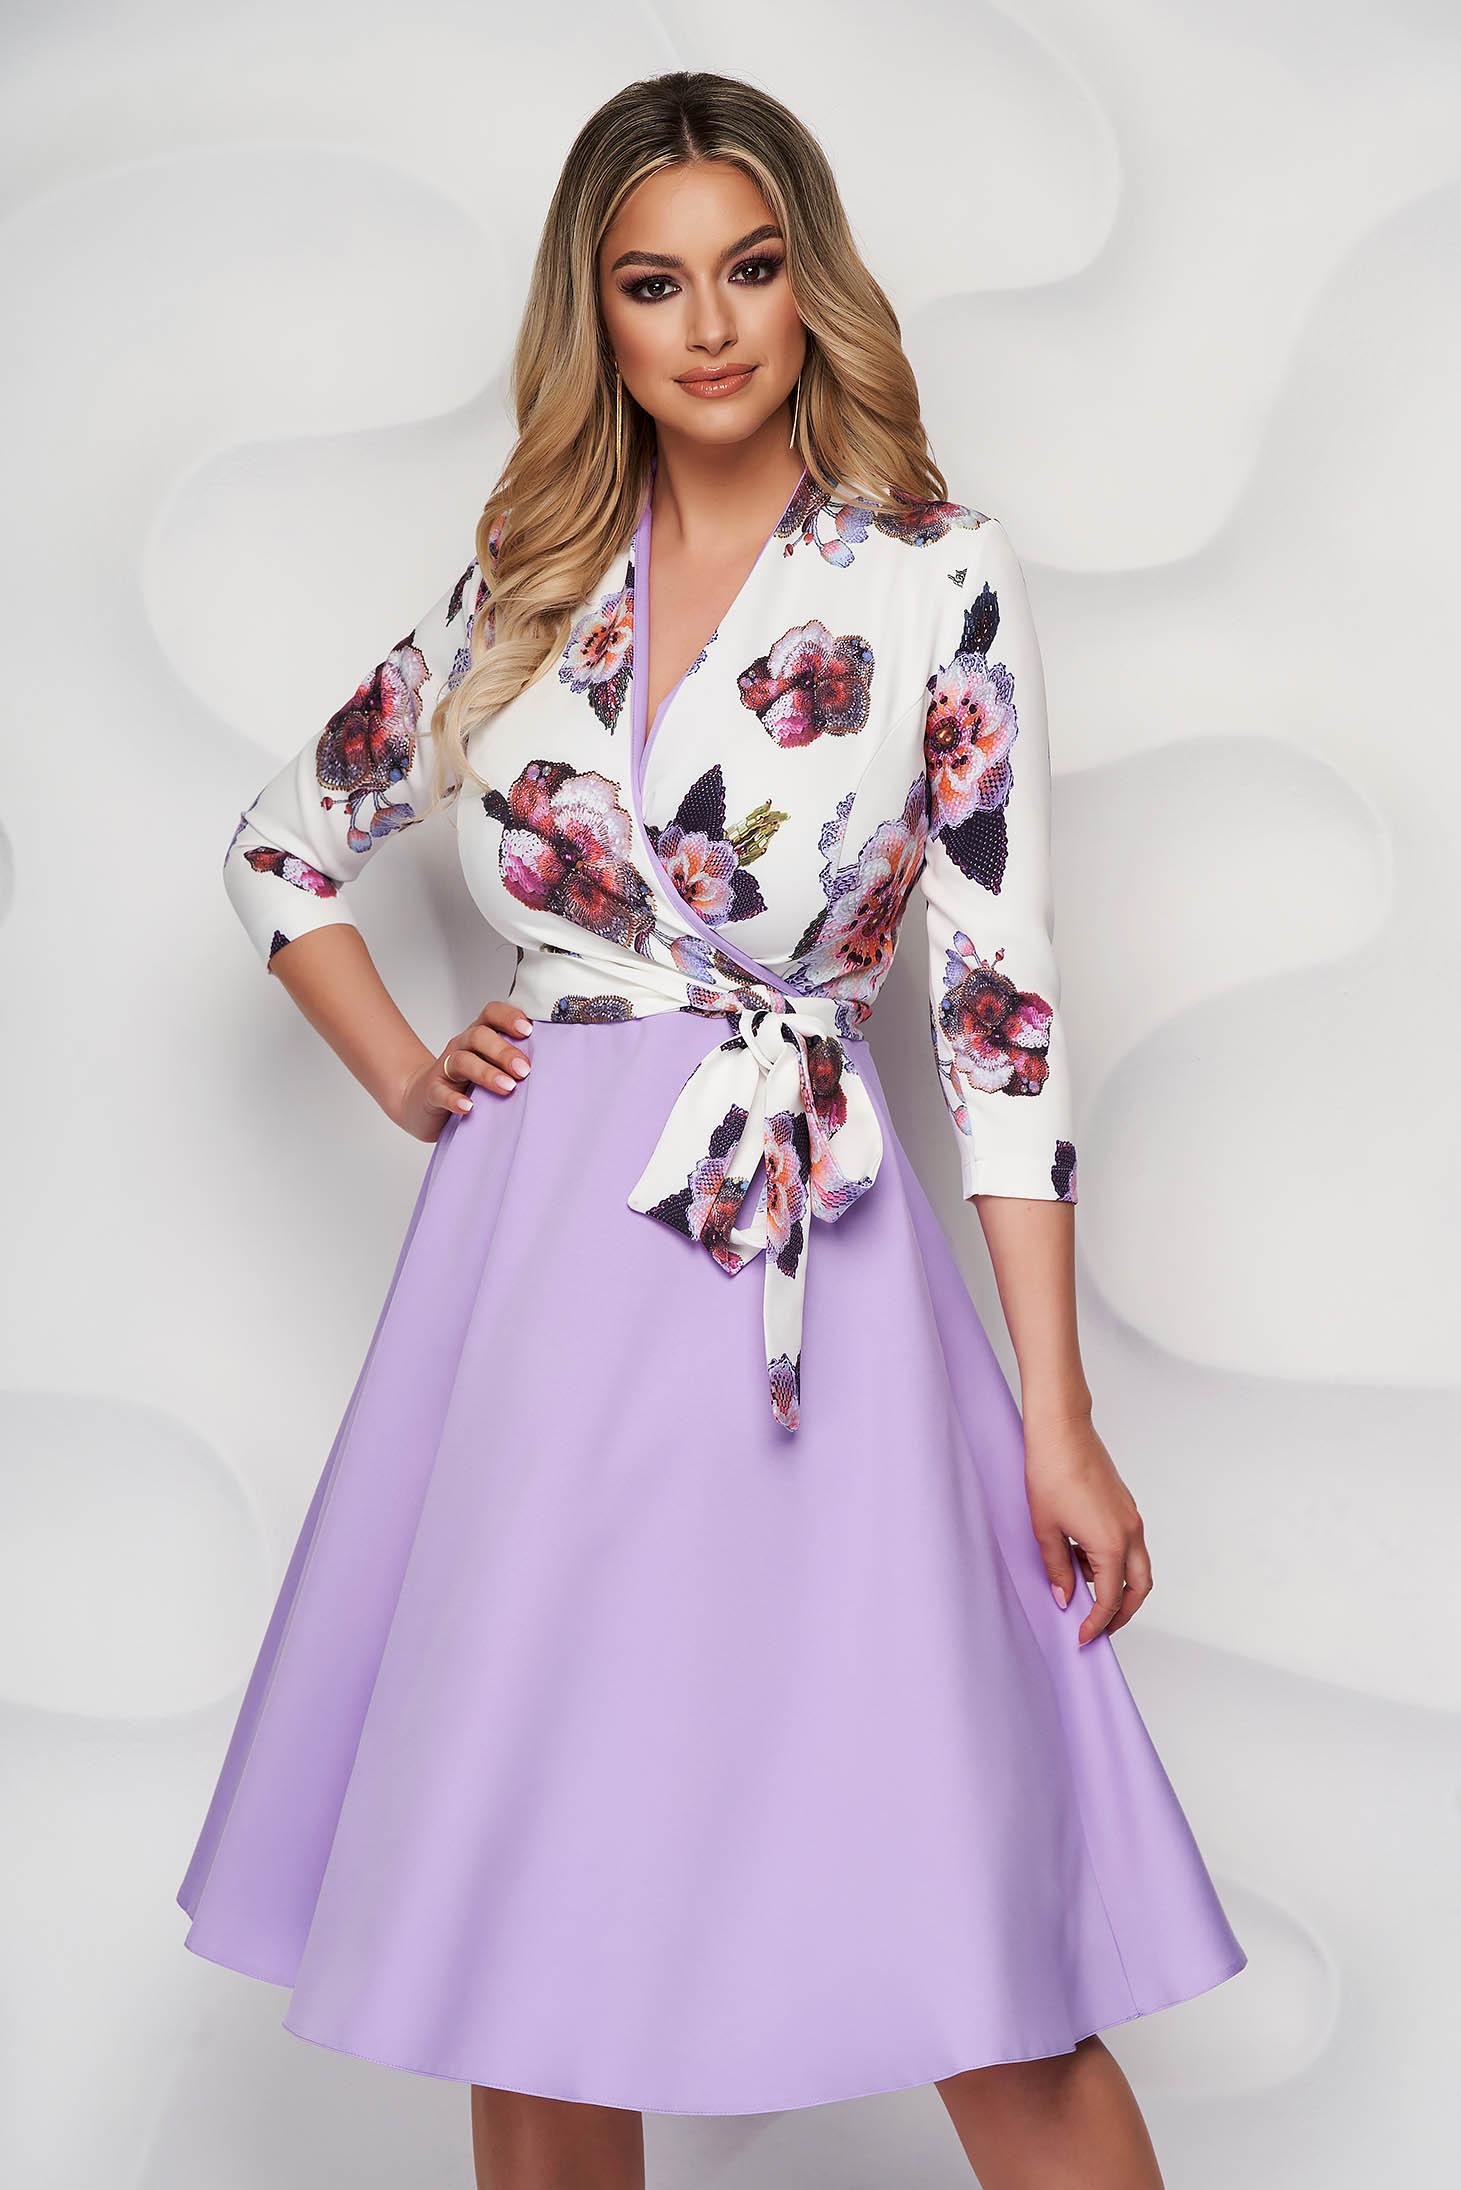 Alkalmi midi lila StarShinerS harang ruha szövetből